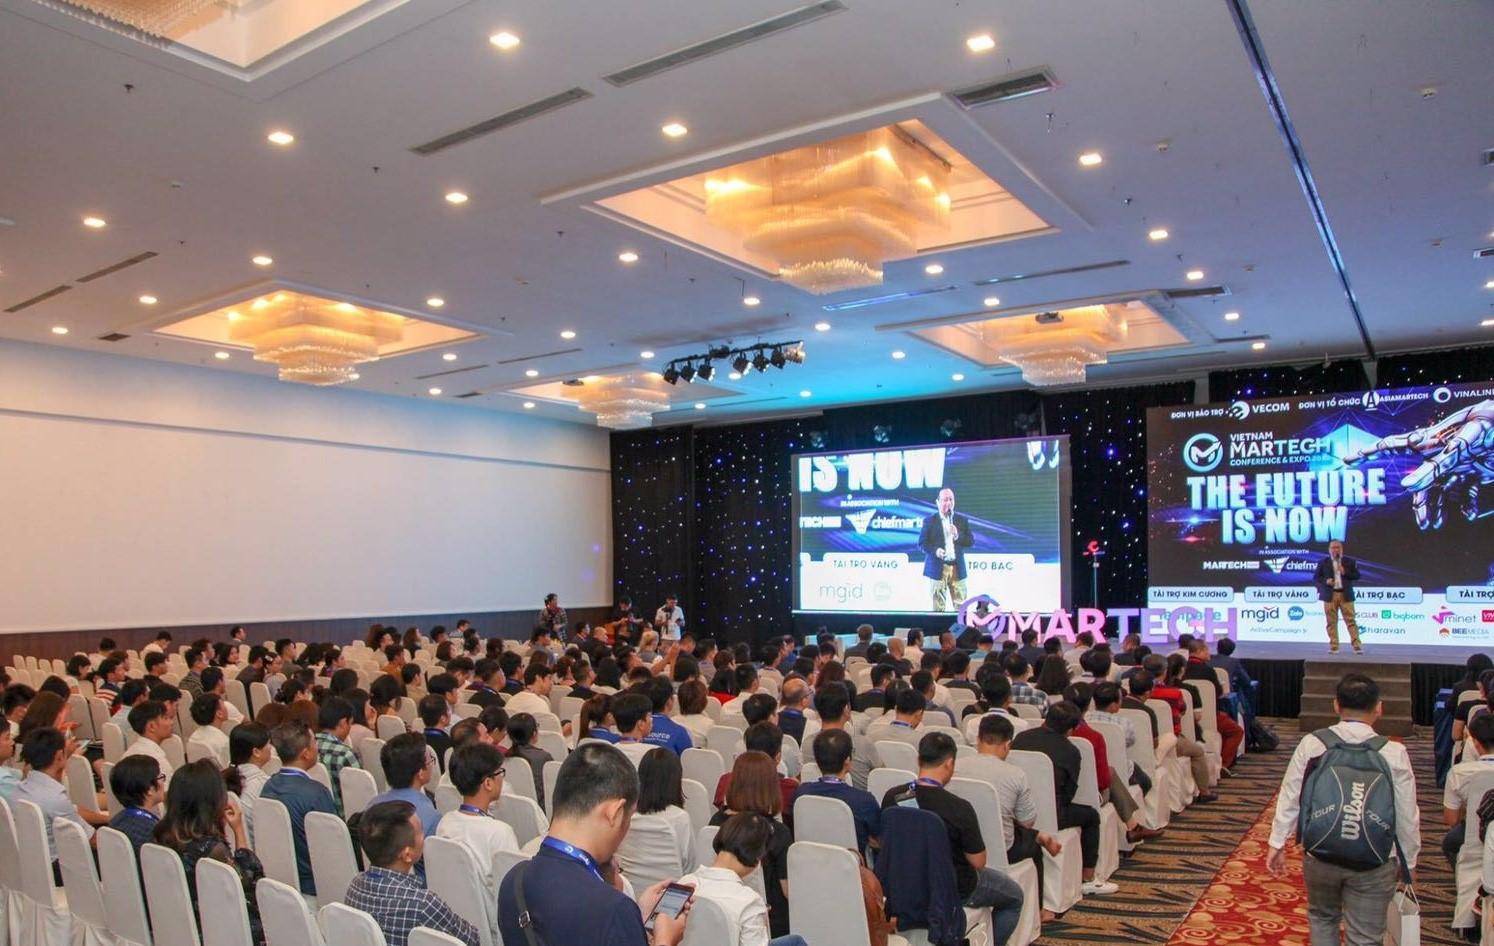 """VN Ngày Nay đồng hành cùng """"Vietnam MarTech Conference & Expo 2019"""" đưa xu hướng công nghệ mới nhất thế giới tiếp cận doanh nghiệp Việt"""